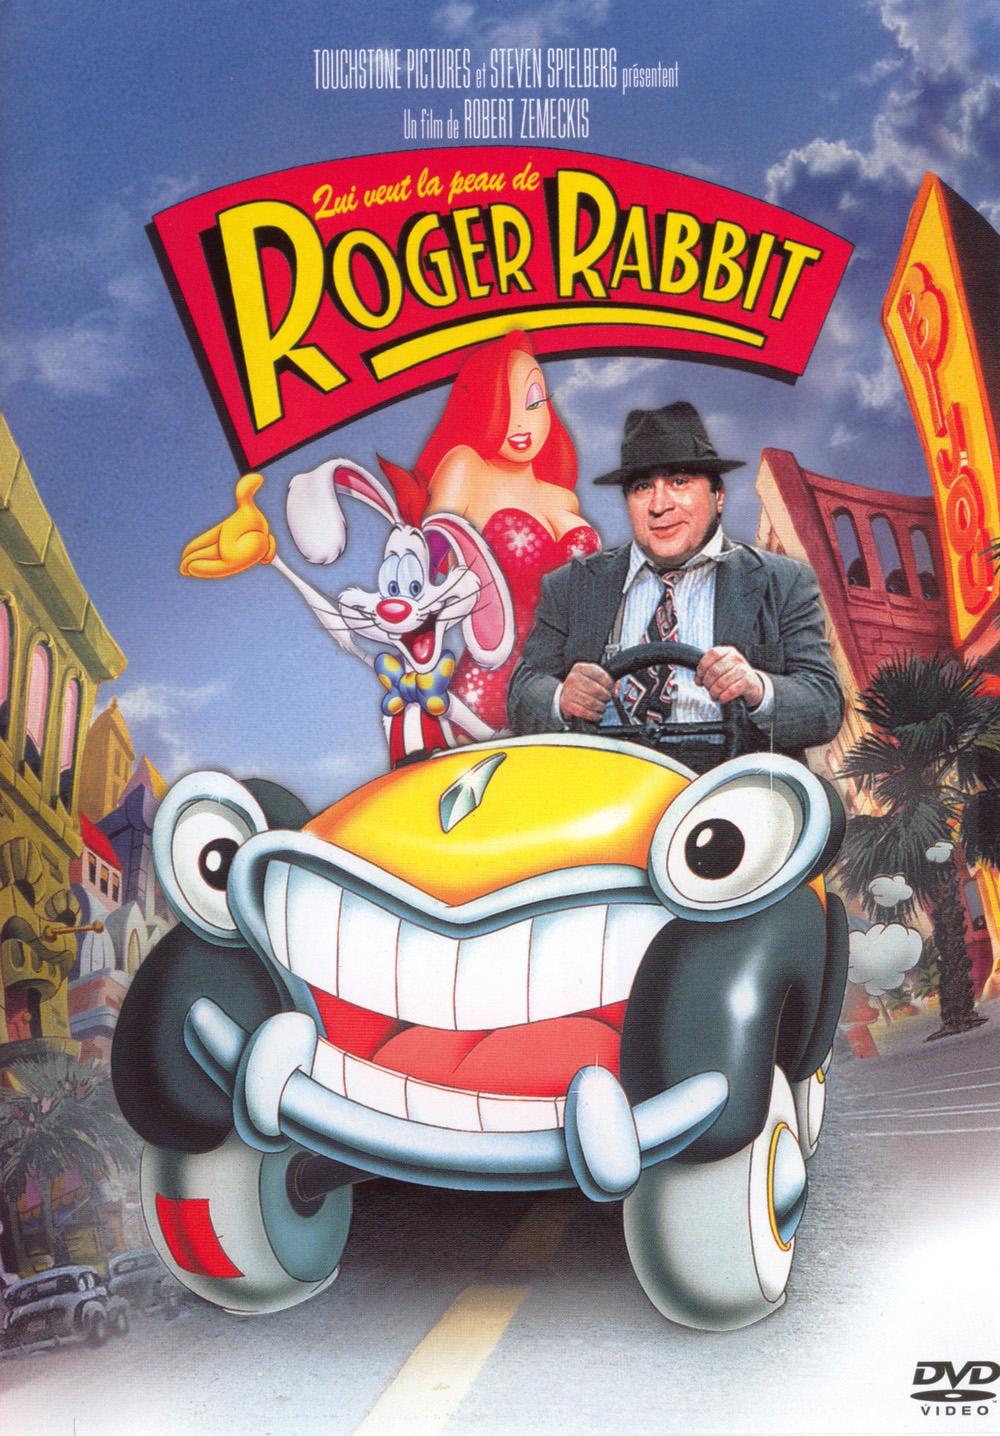 walt disney animation affiche peau roger rabbit poster framed roger rabbit